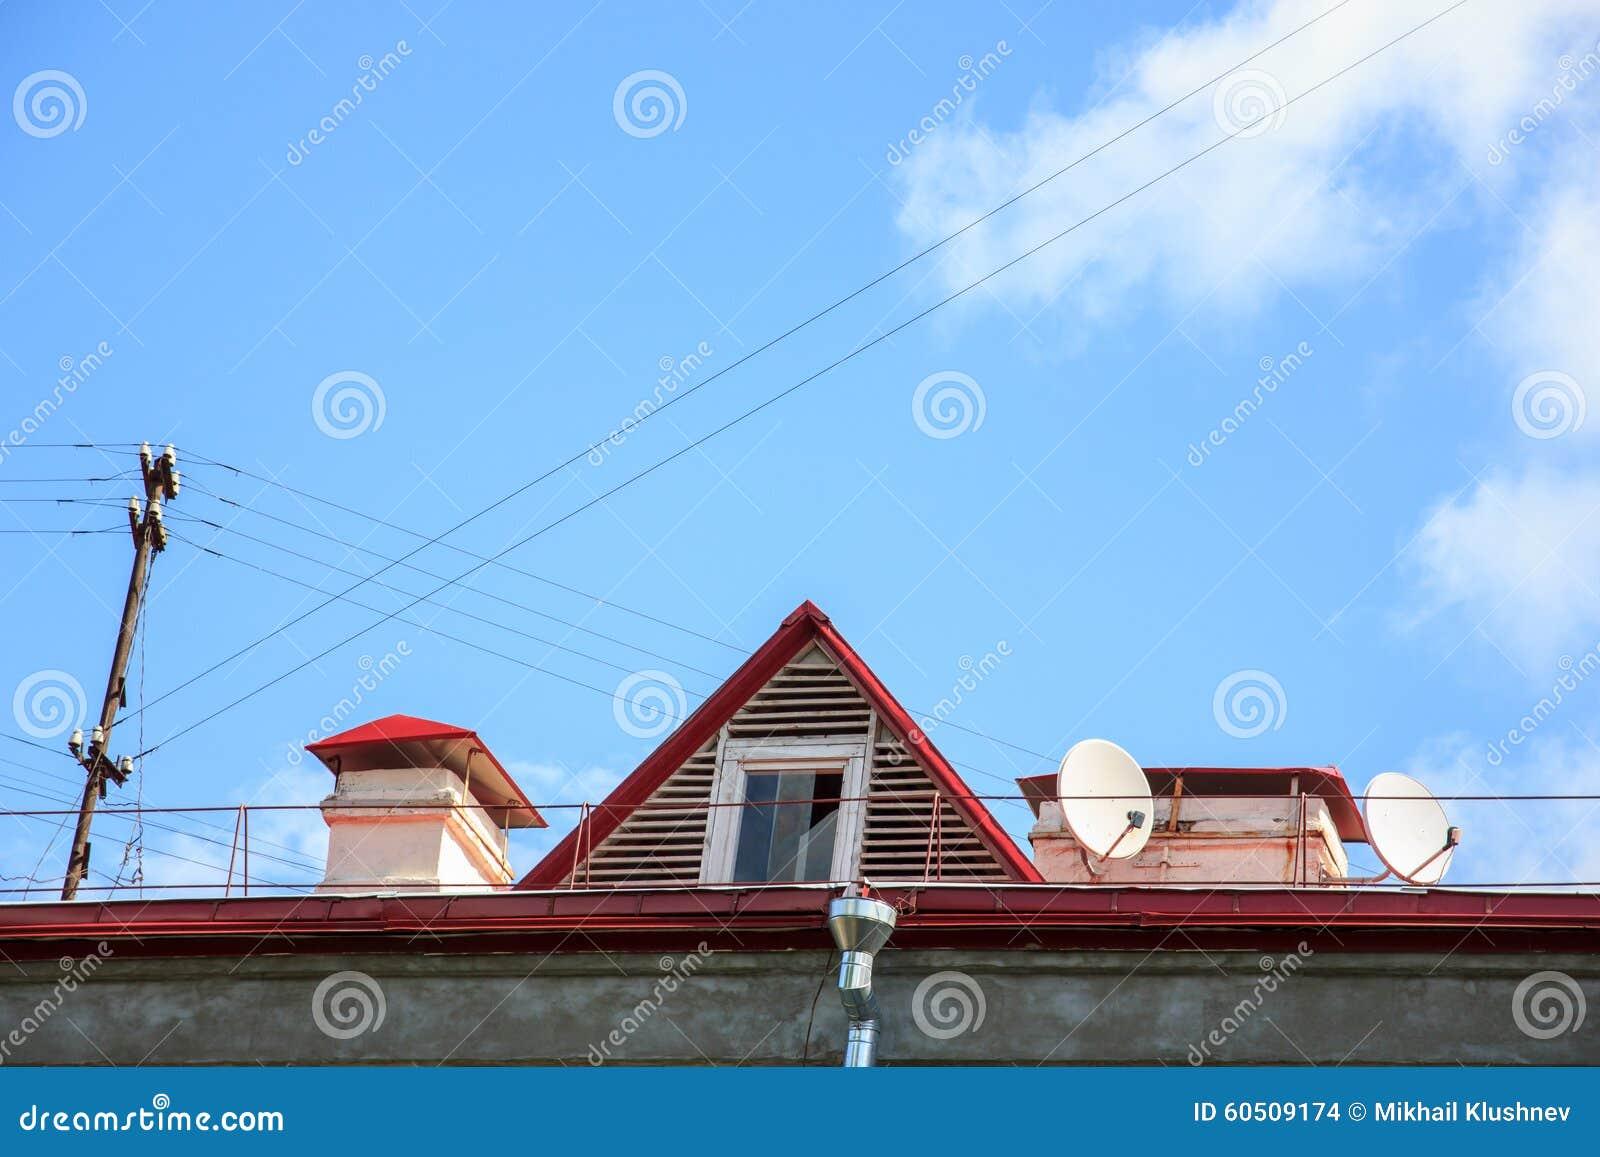 Venster op het dak en de zolder van een oud gebouw